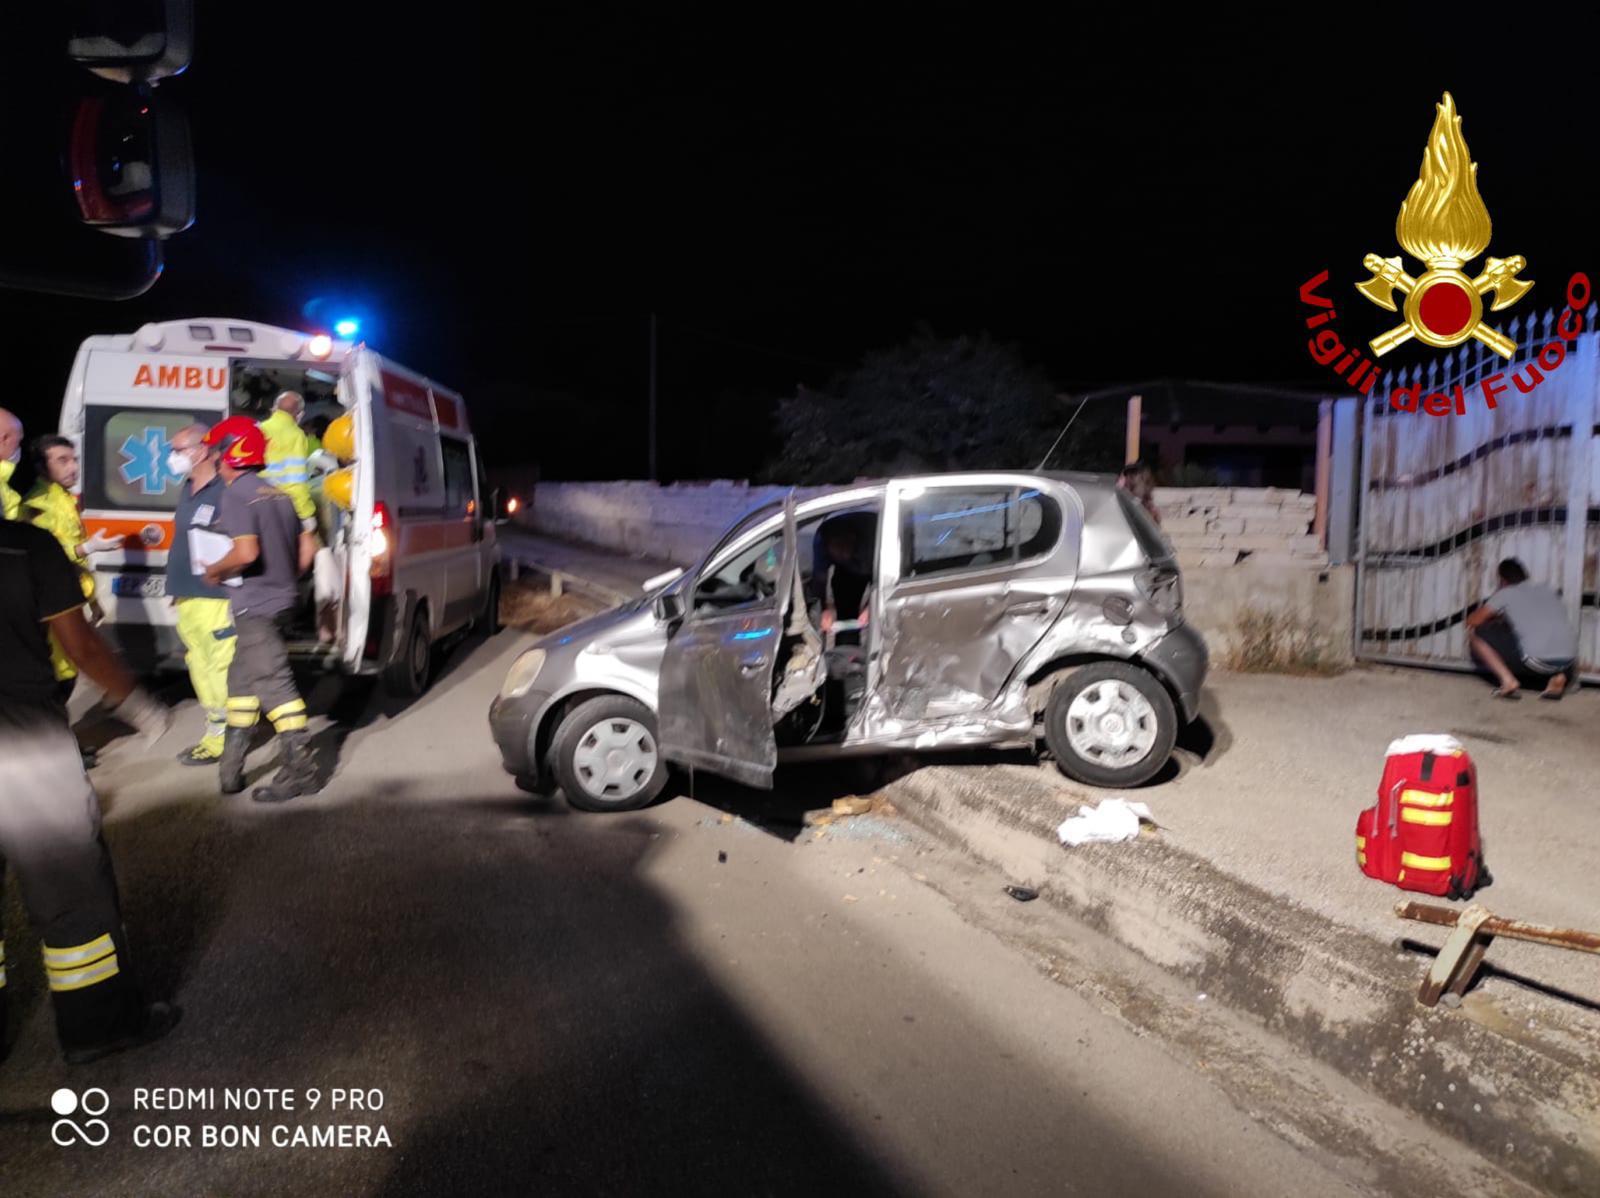 Paura lungo la circonvallazione, violento scontro tra due auto: una donna incastrata tra le lamiere – FOTO